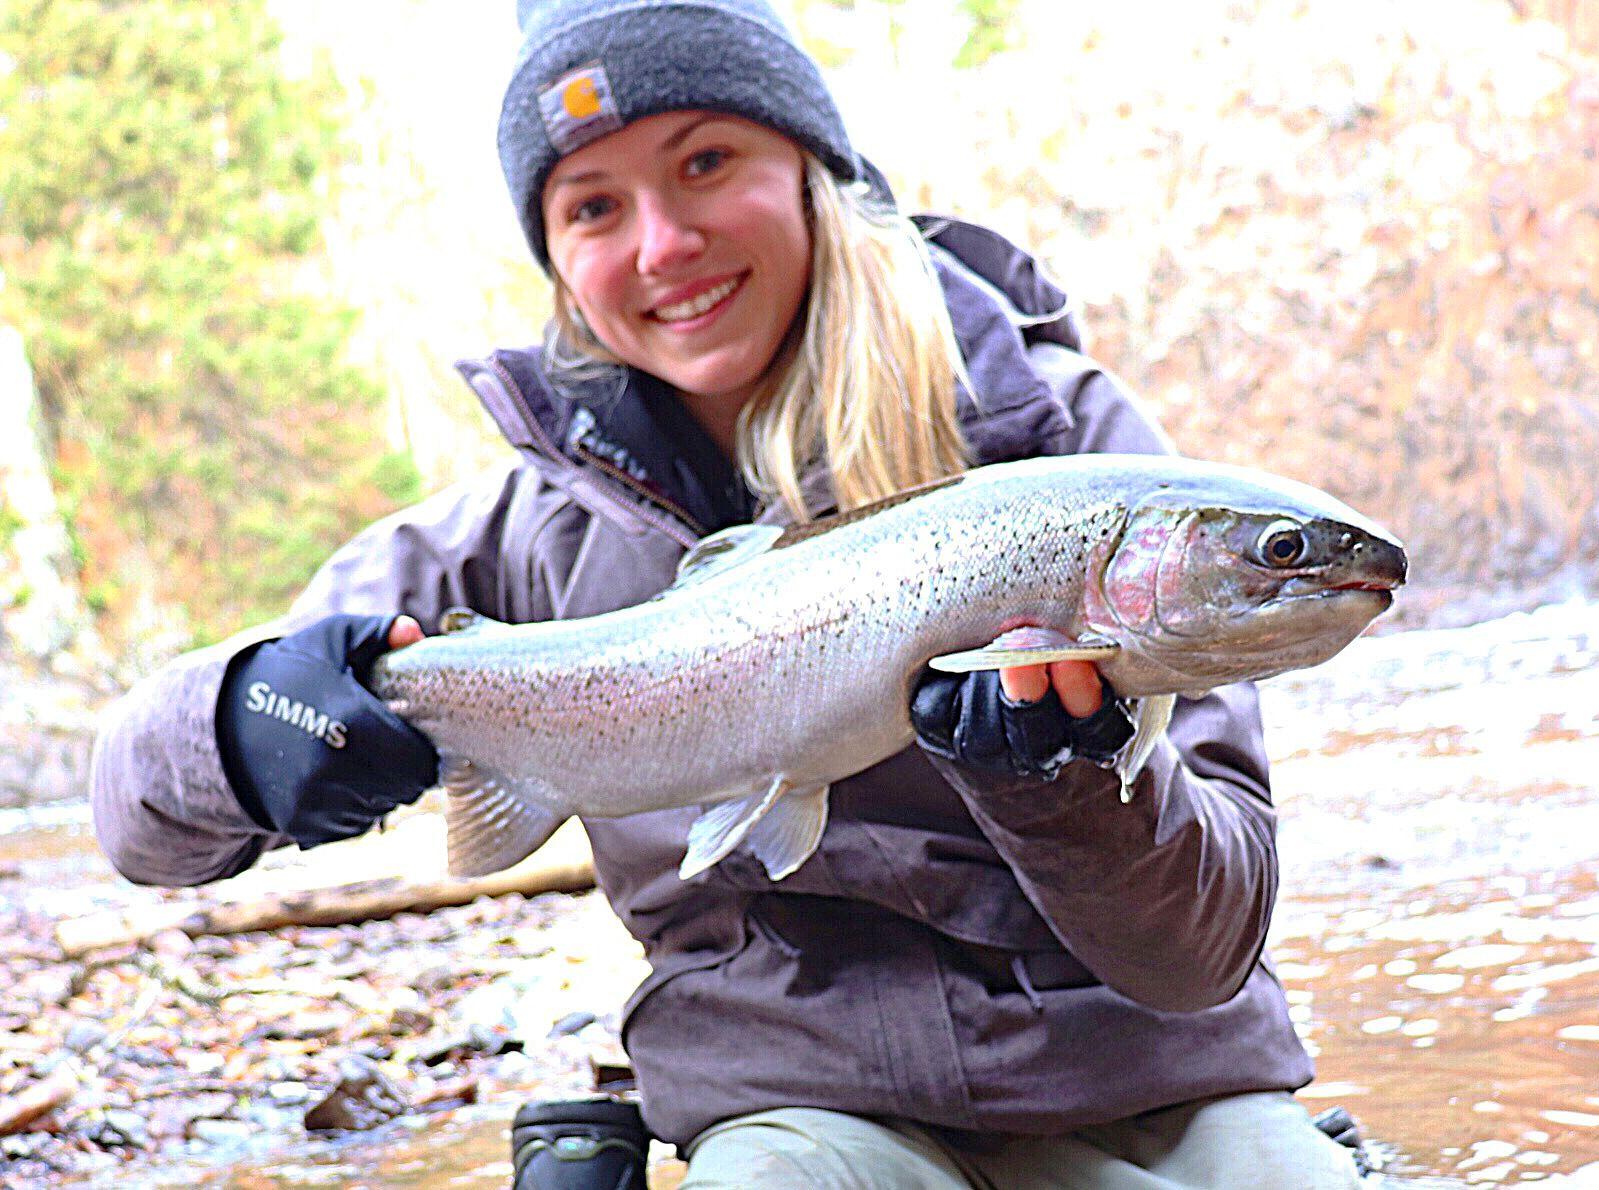 Fishing ladies fly fishing fishing tips bass fishing